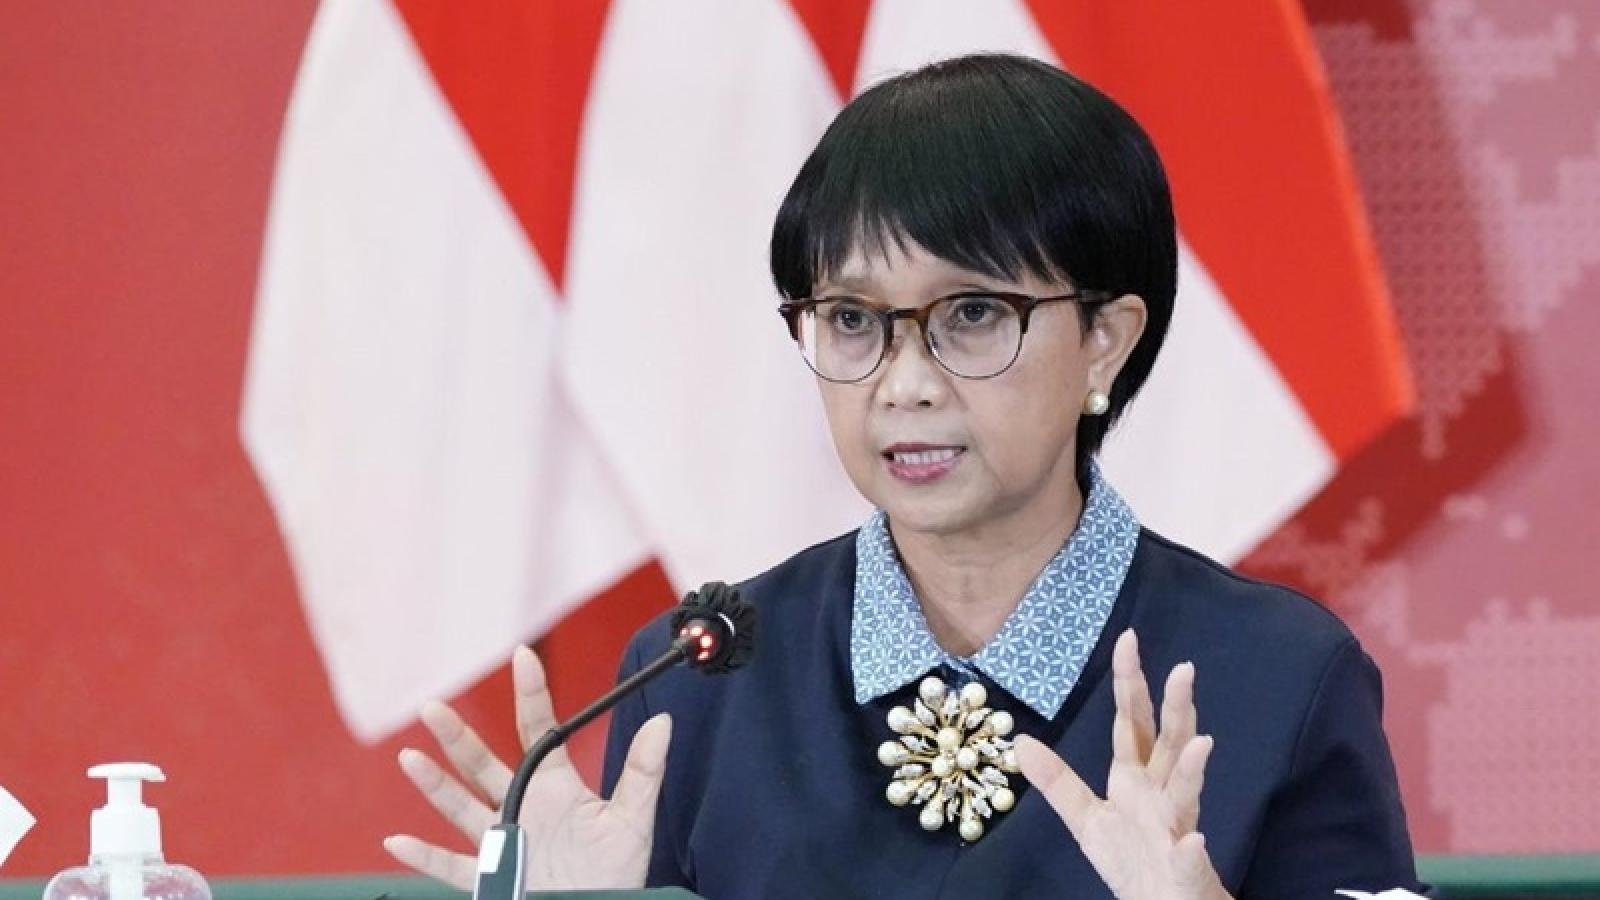 Indonesiakhẳng định sẽ không trở thành căn cứ quân sự của Trung Quốc và Mỹ